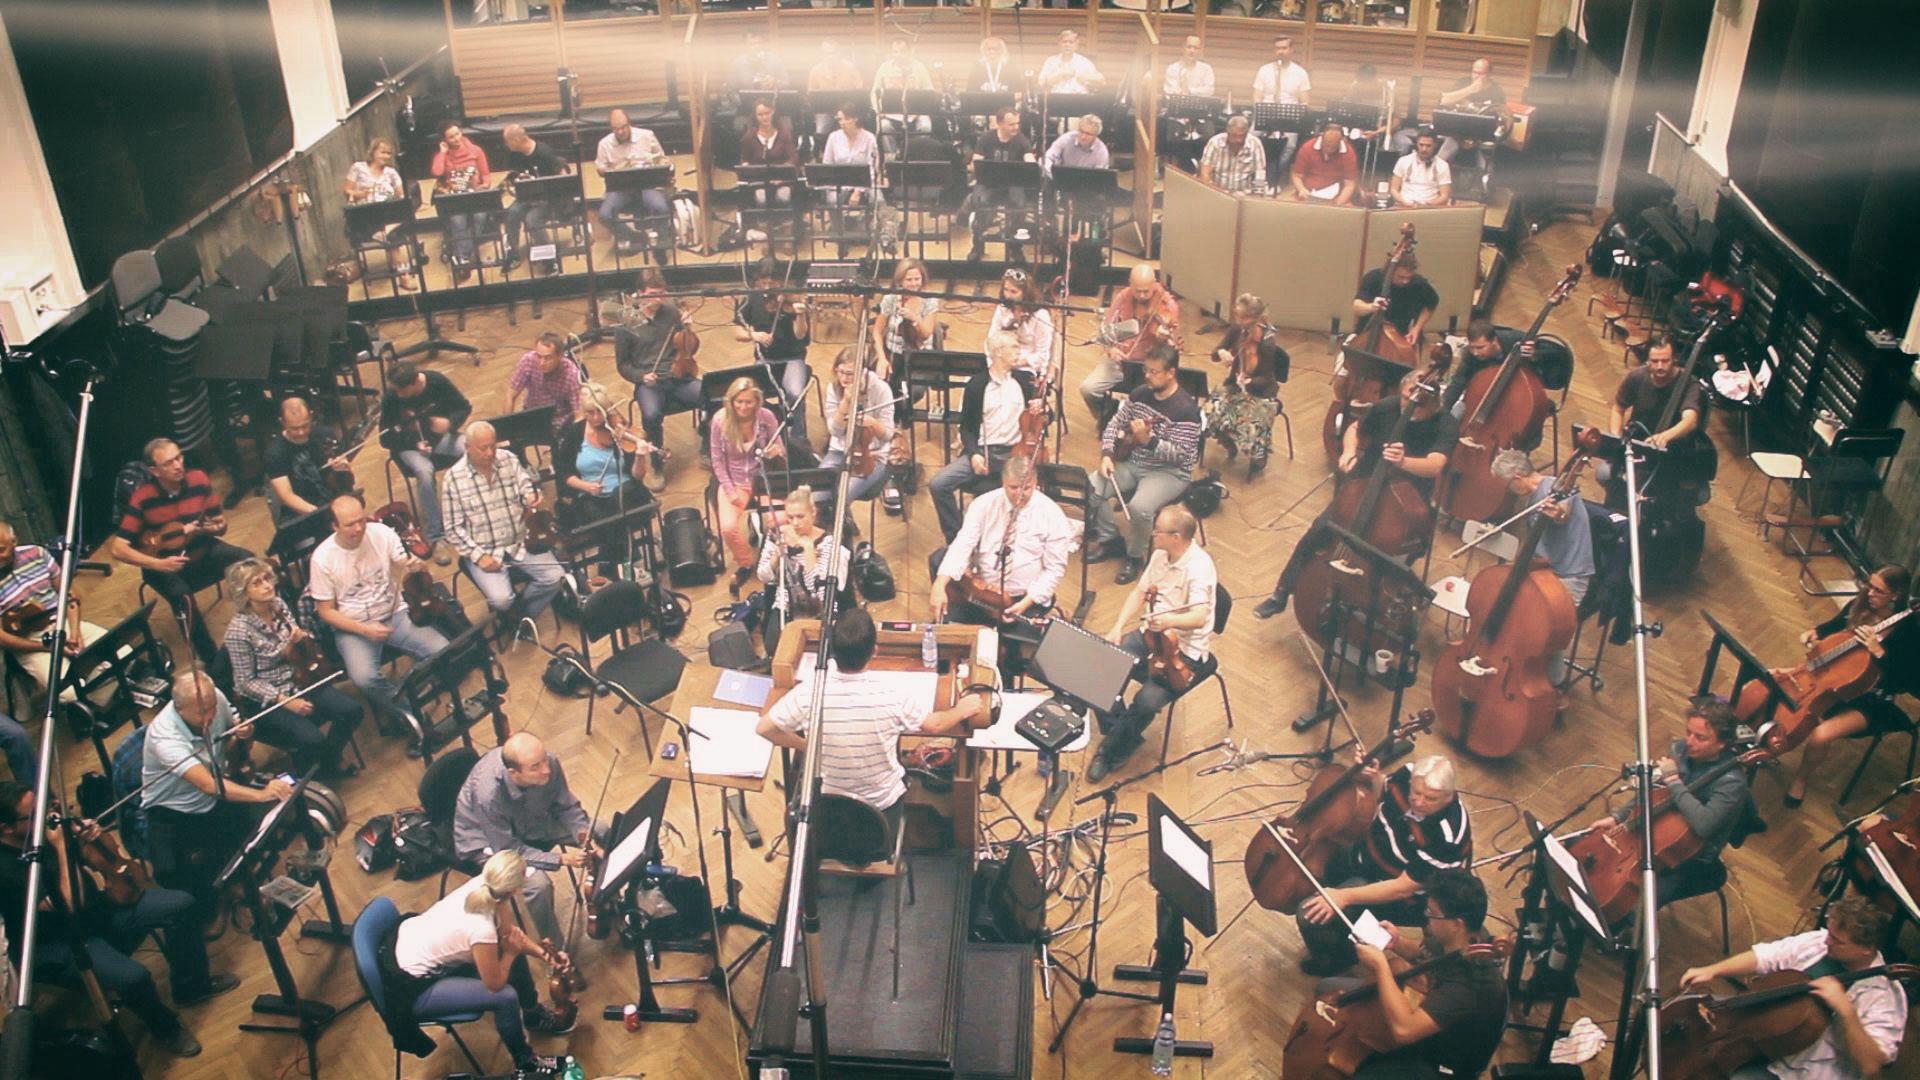 orchestrarecording